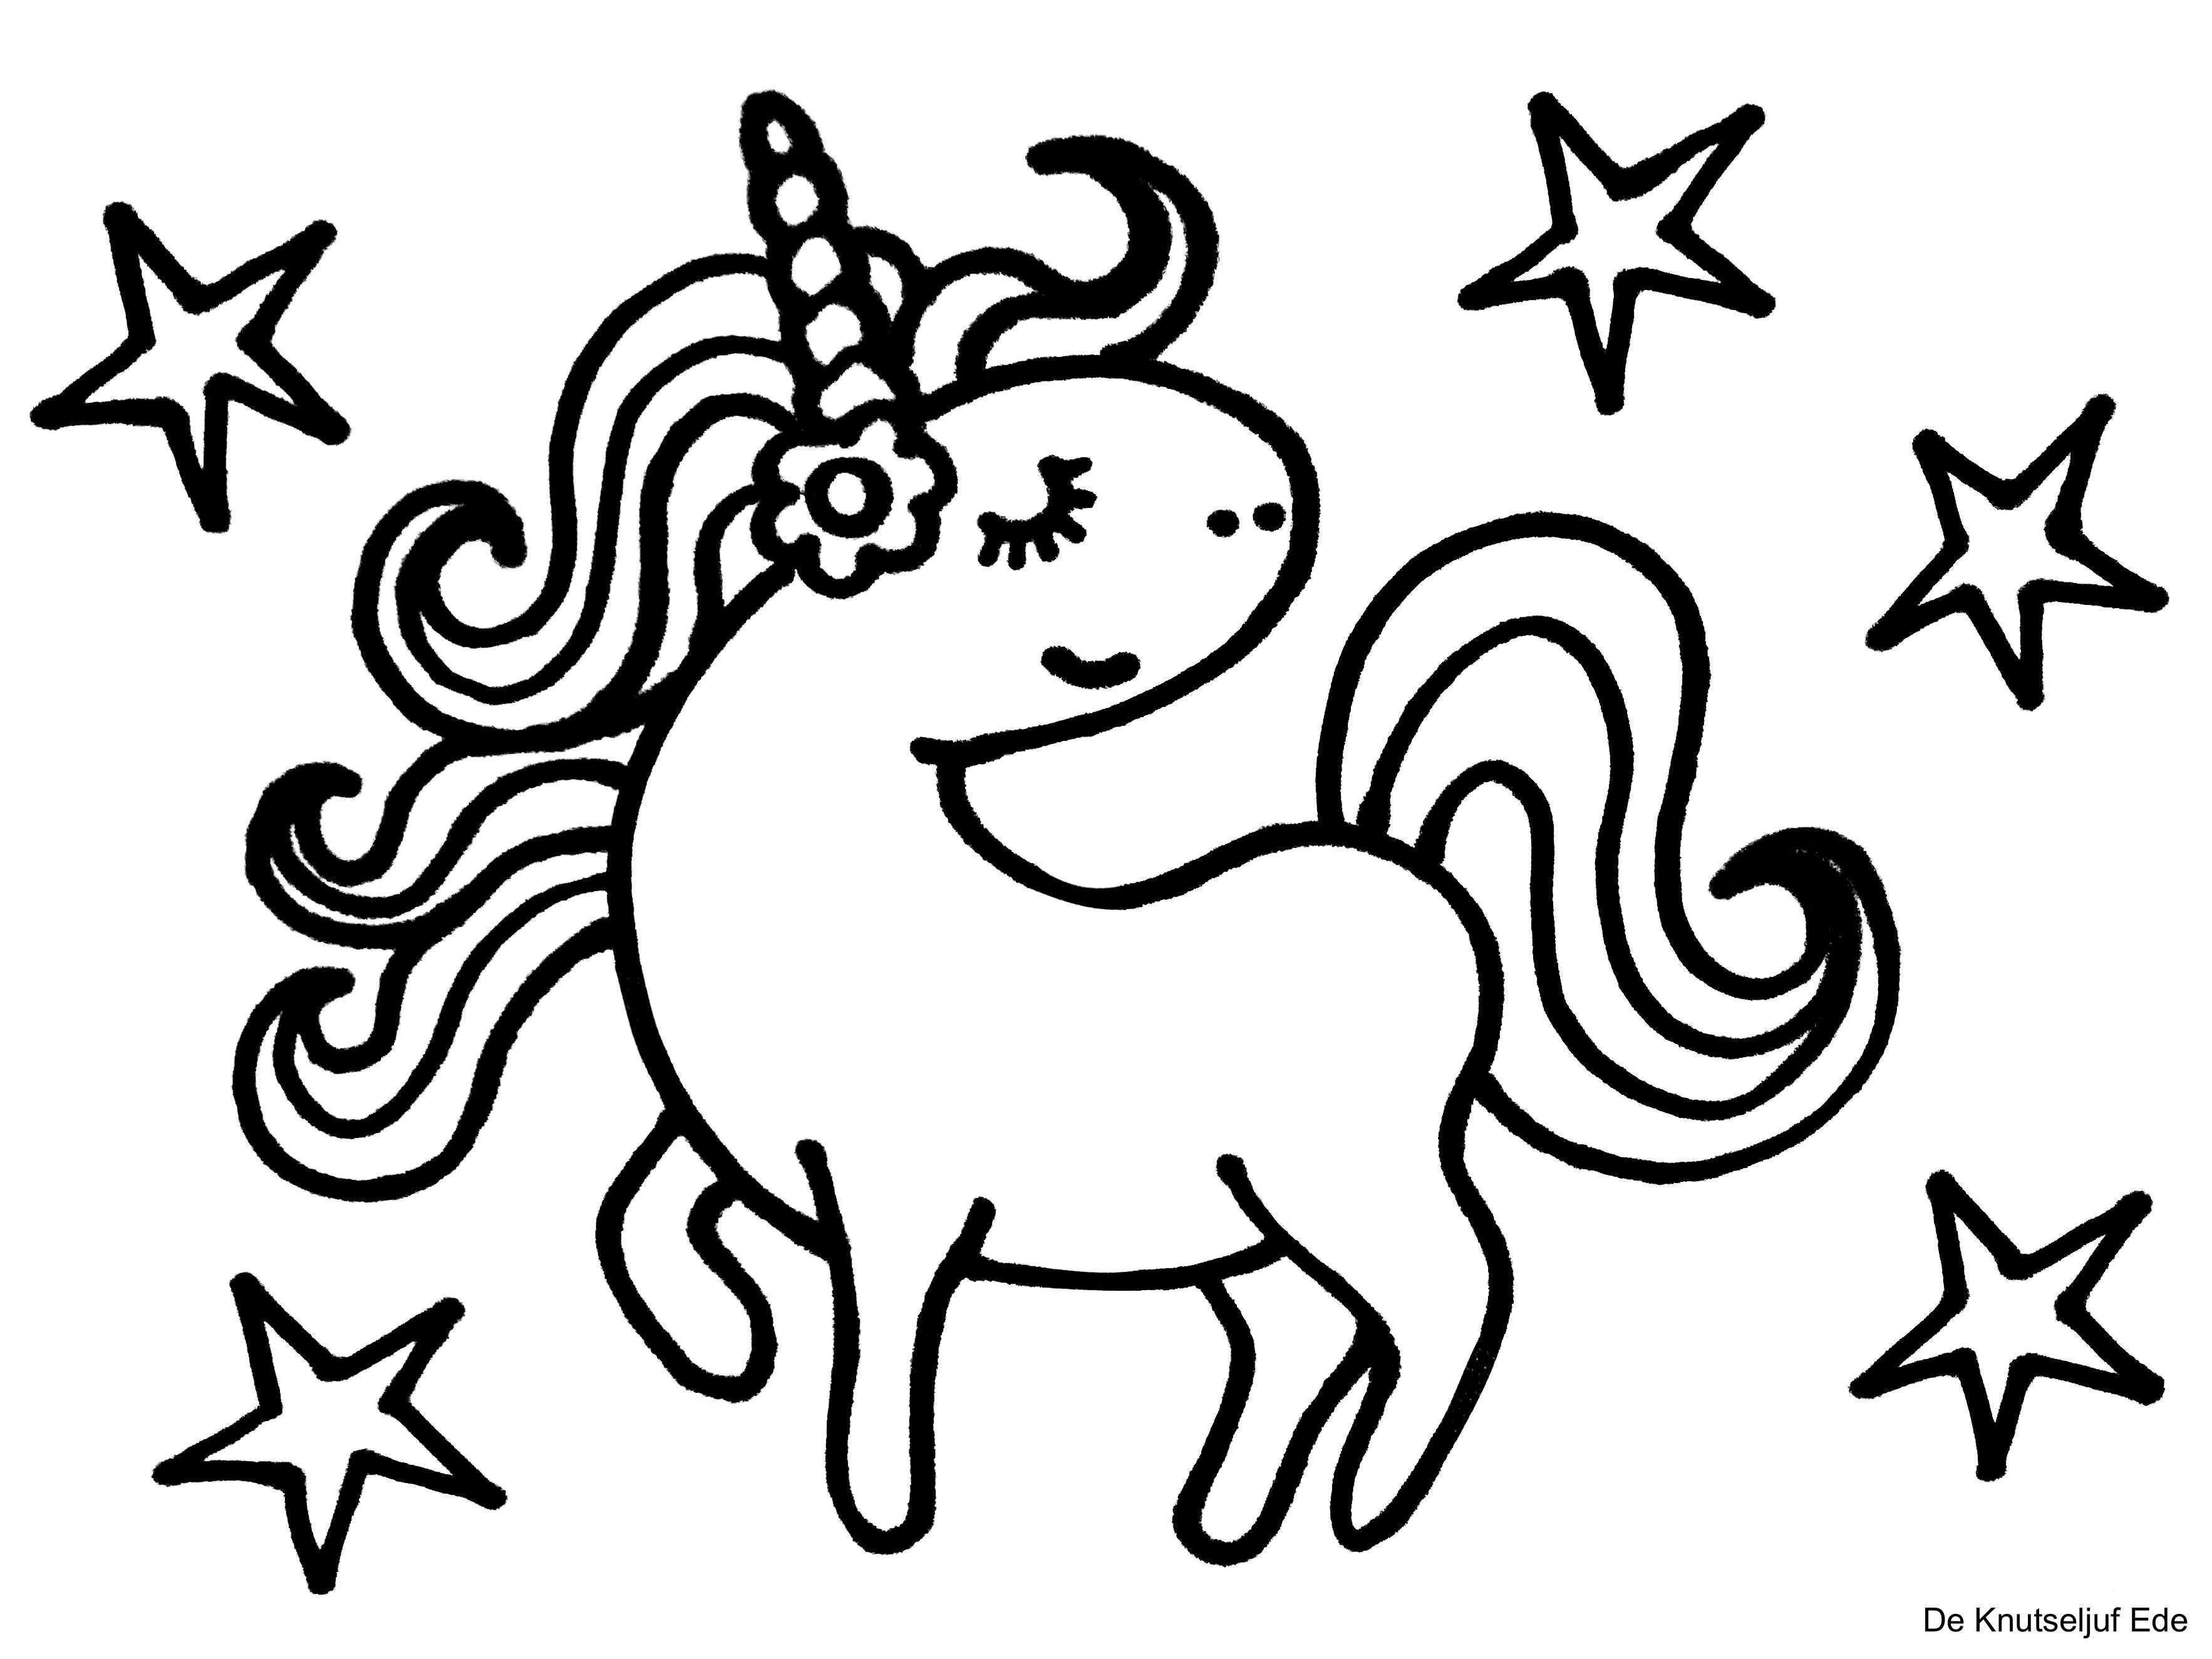 Kleurplaten Eenhoorns Unicorns Deknutseljufede Kleurplaat Kleurplaten Unicorns Eenhoorns D Gratis Kleurplaten Kleurplaten Kleurplaten Voor Kinderen